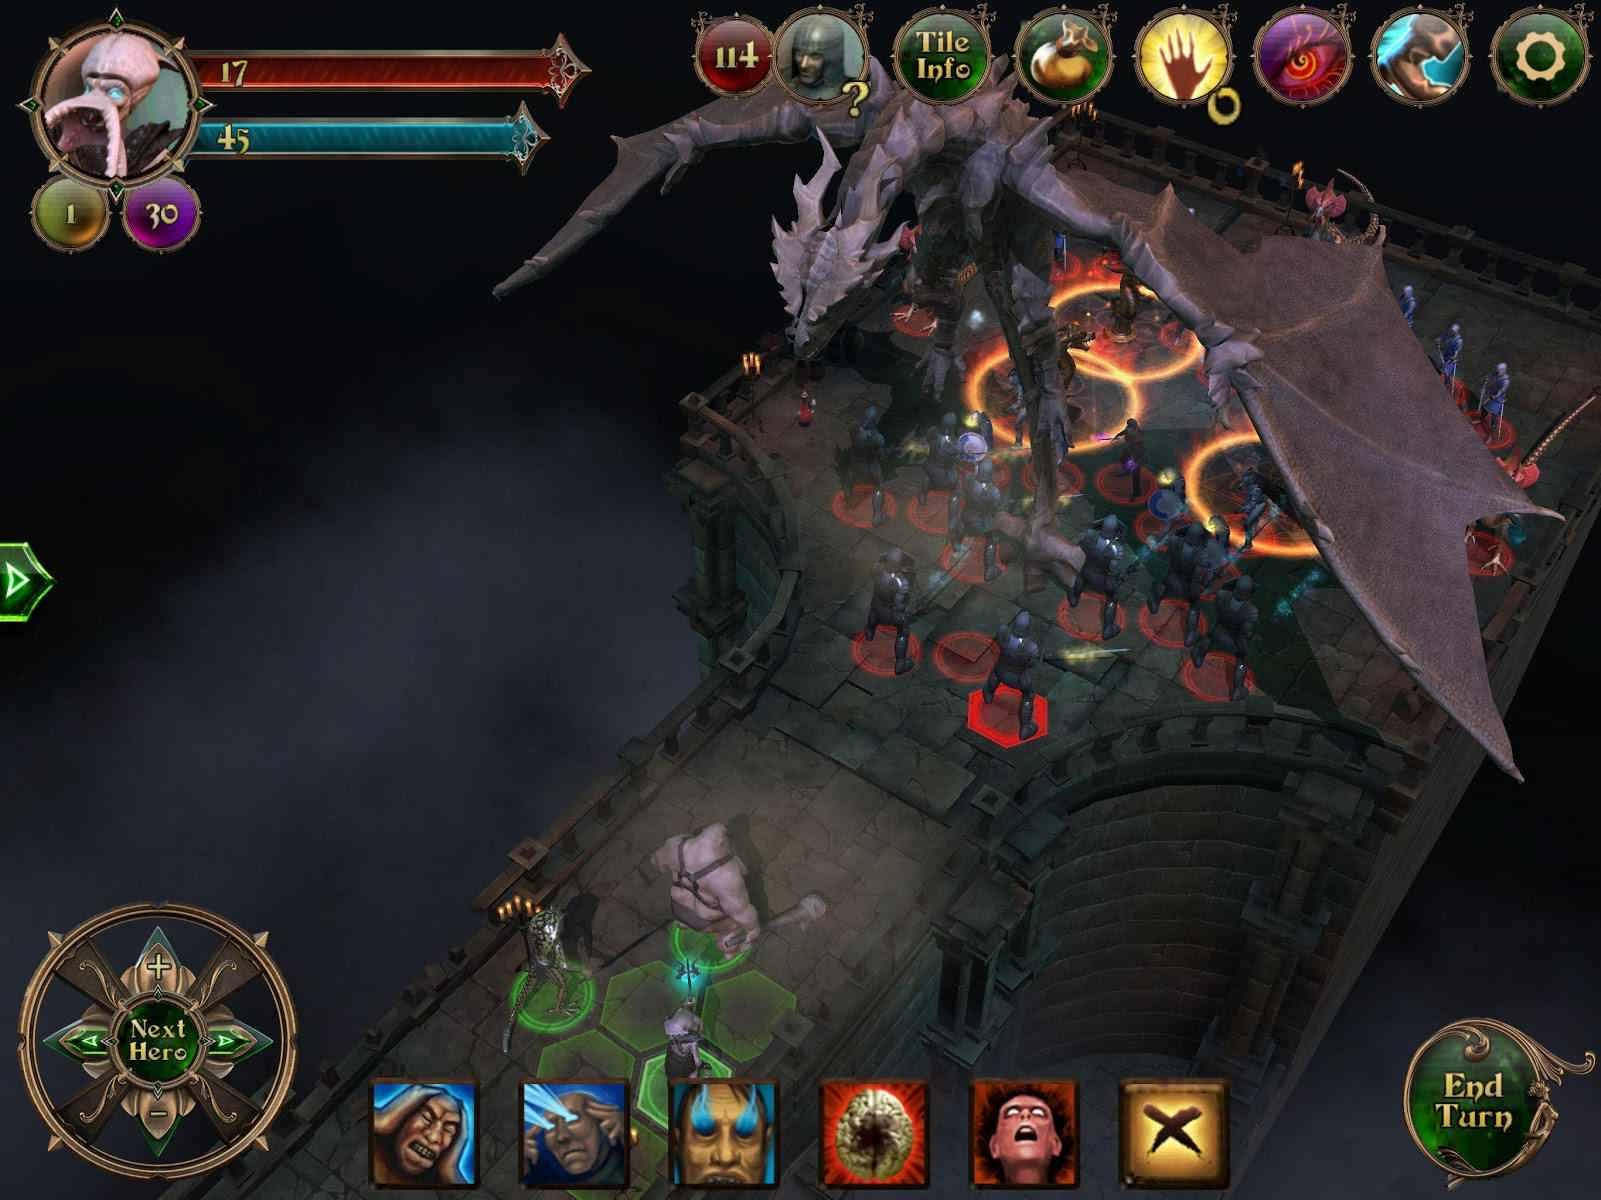 دانلود Demon's Rise 2 v6.0 – بازی نقش آفرینی ظهور شیاطین 2 اندروید